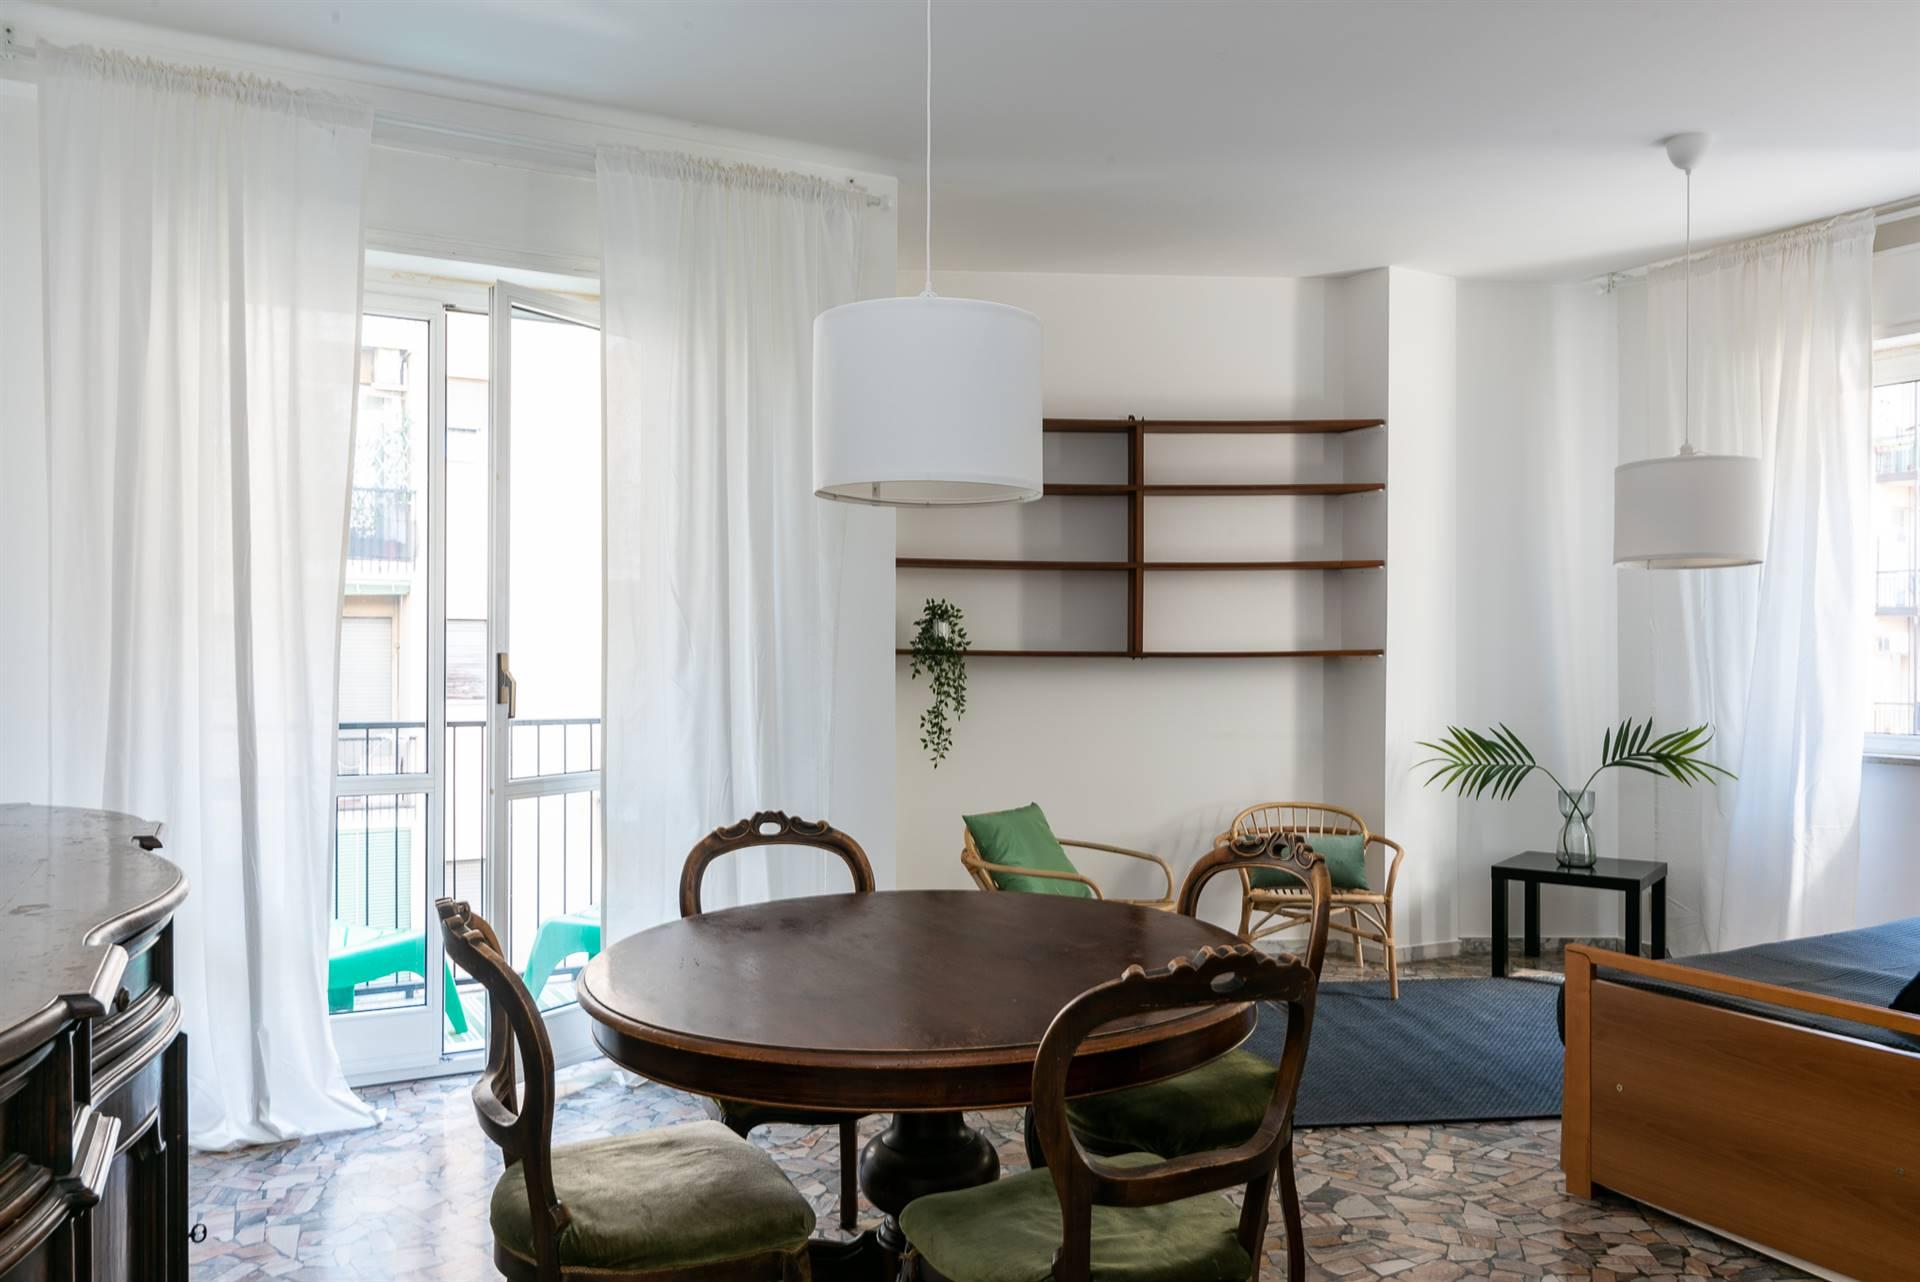 Affittasi in zona Piazza Martini, Viale Umbria, Piazza Insubria, ottimo trilocale arredato, luminoso e in piano alto. L'appartamento dispone di